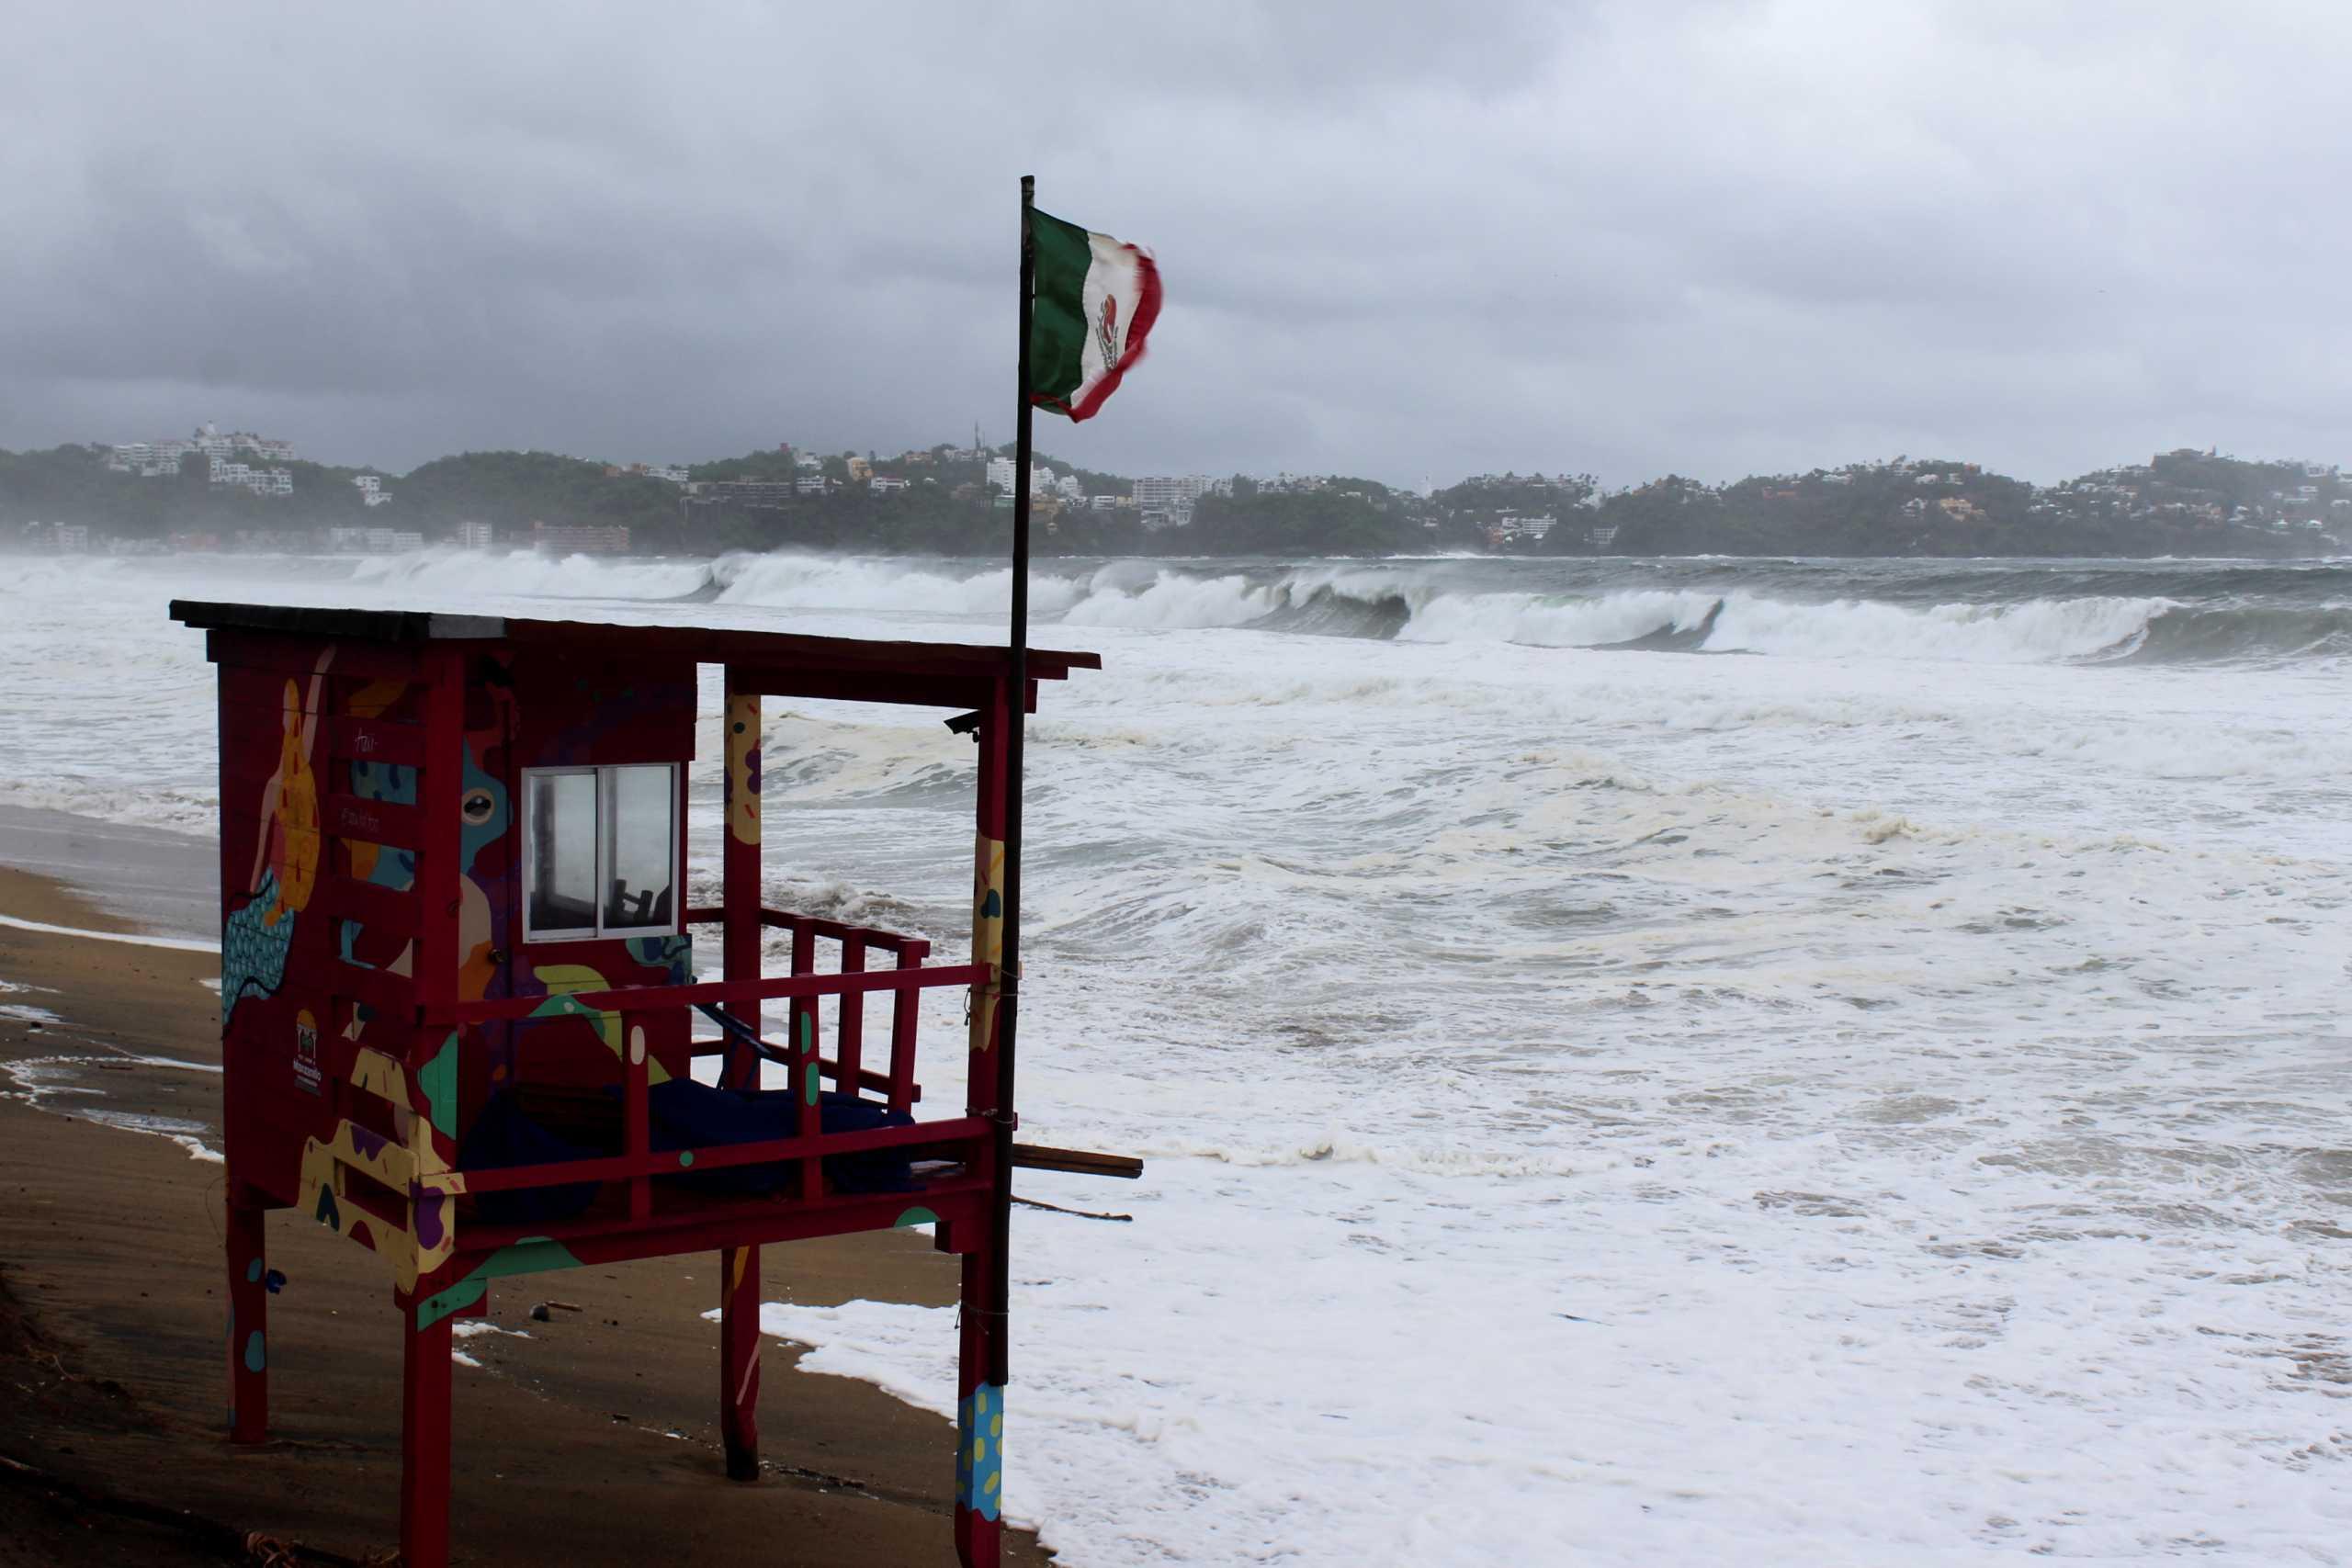 Καραϊβική: Κυκλώνας απειλεί τα νησιά – Πρόβλεψη για ριπές ανέμου με ταχύτητα 140 χιλιομέτρων